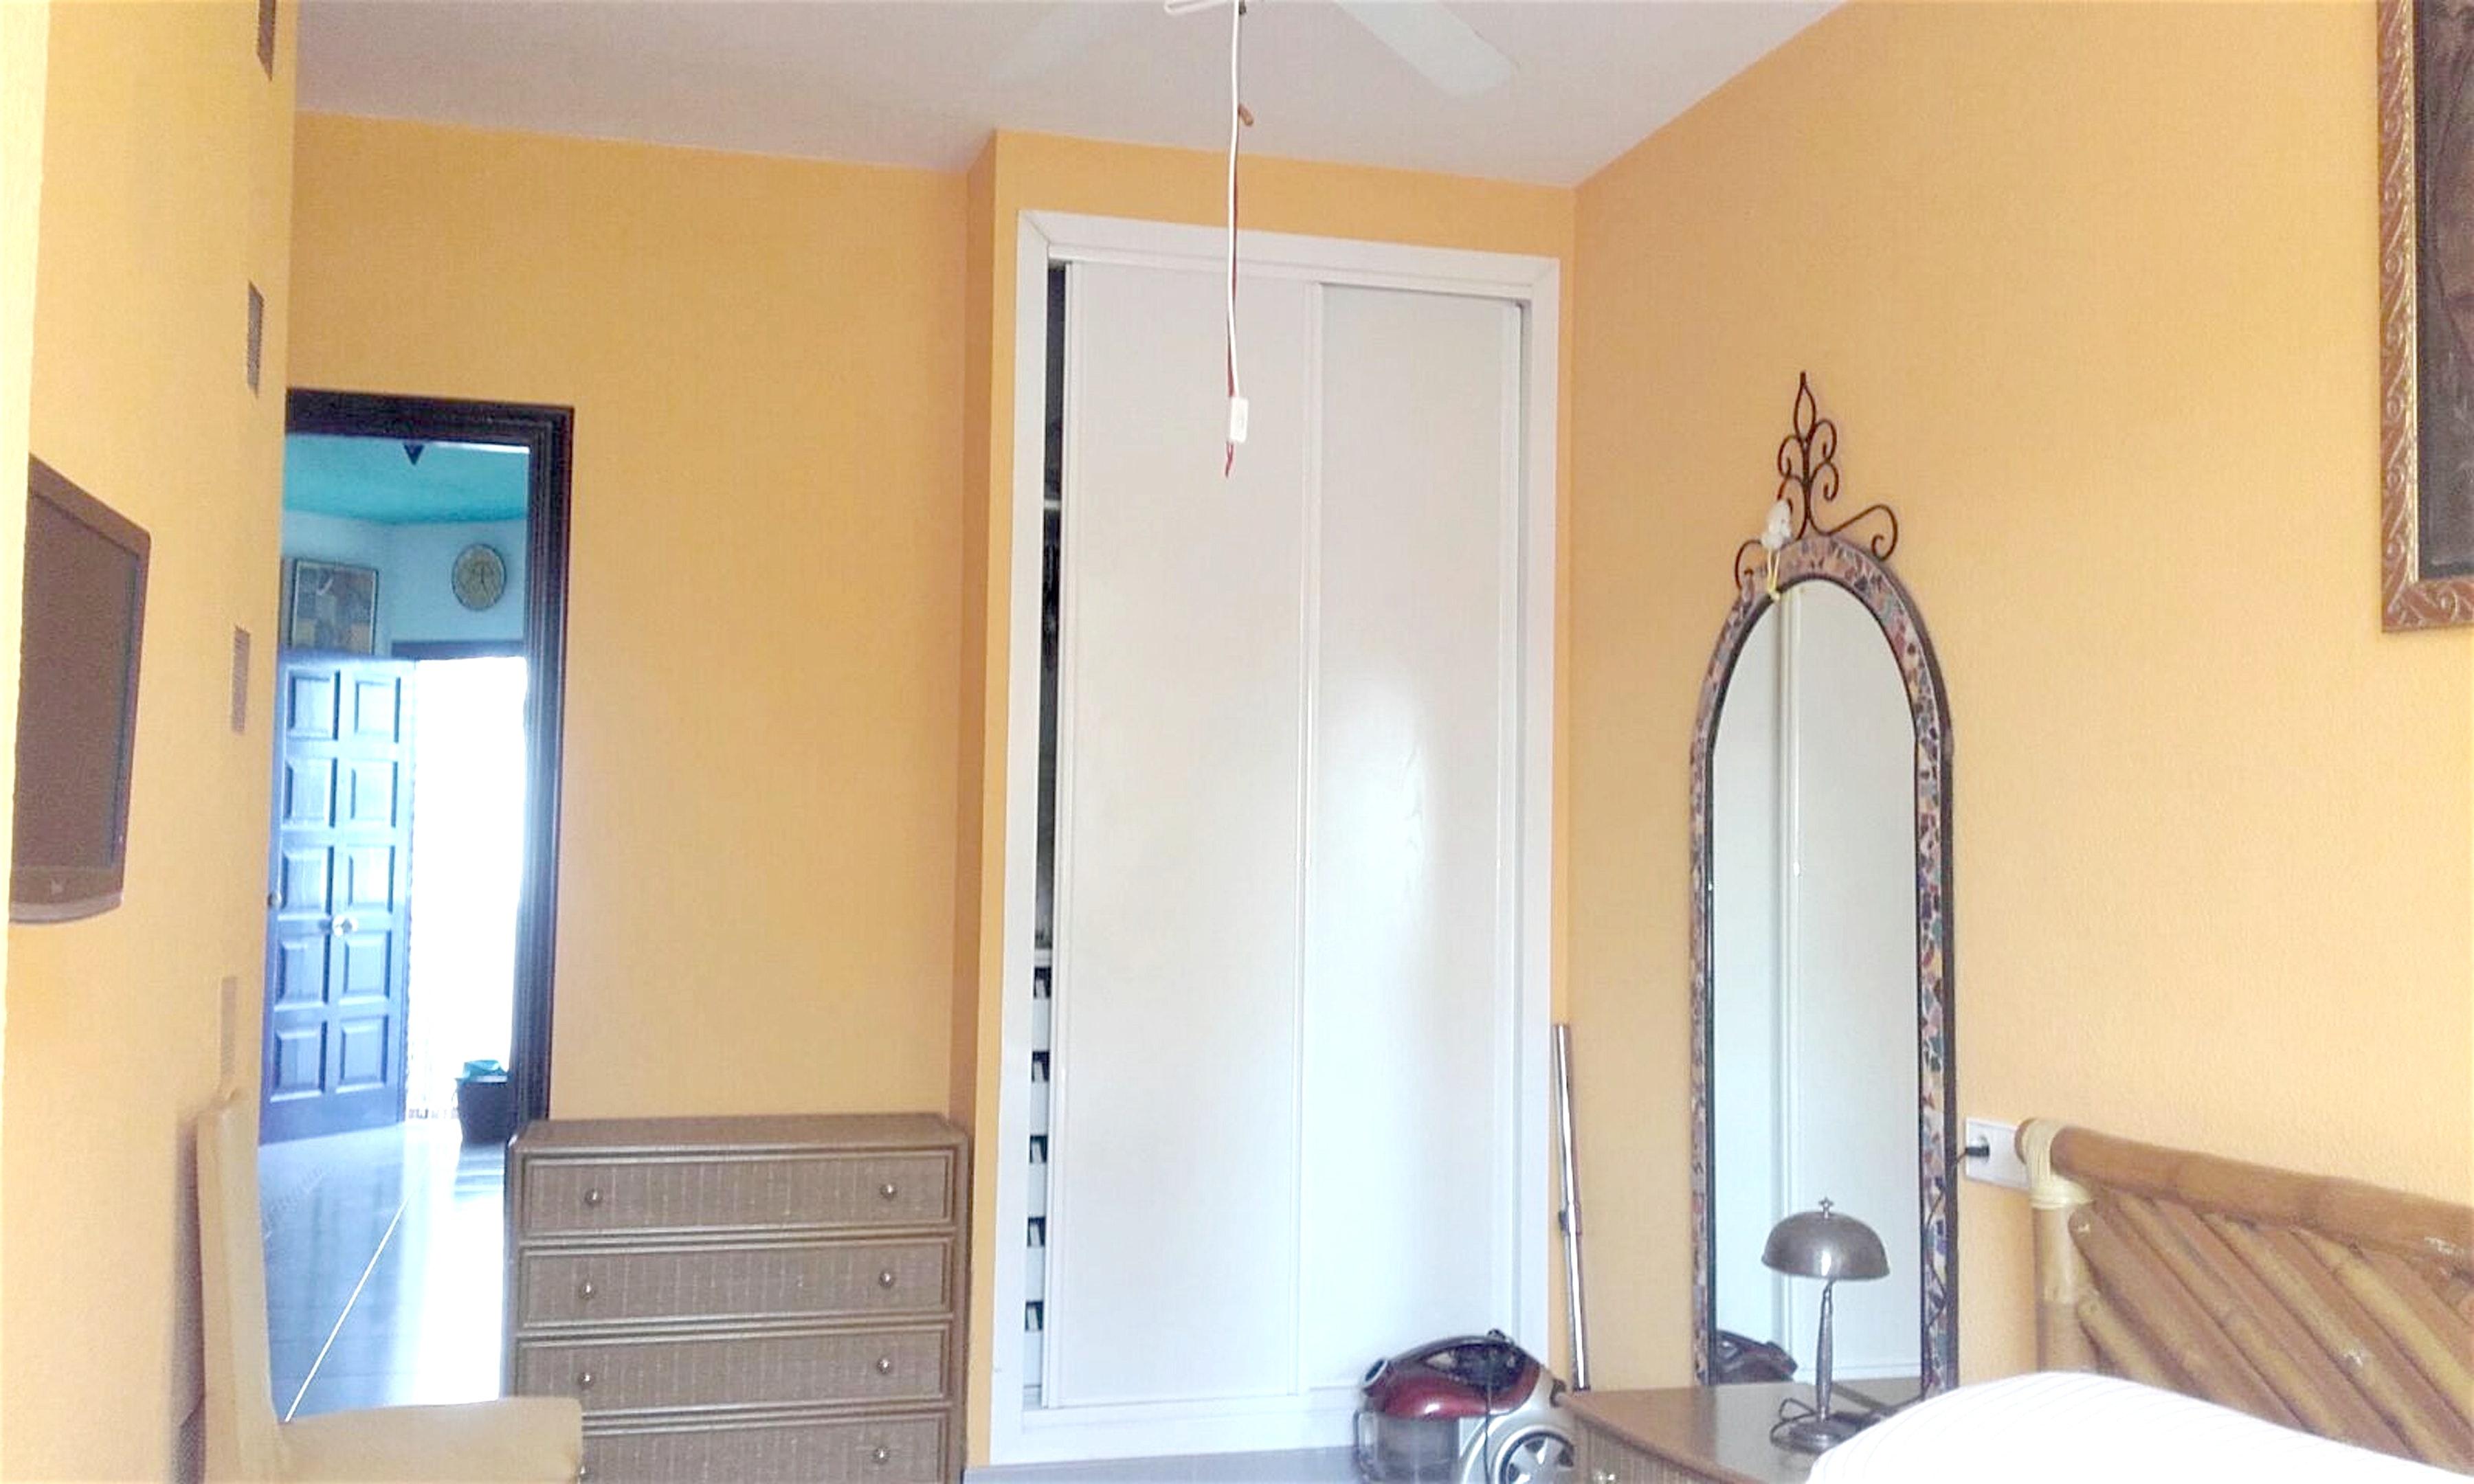 Ferienwohnung Wohnung mit 2 Schlafzimmern in San José de Nijar mit privatem Pool, Terrasse und W-LAN - 5 (2271490), San Jose, Costa de Almeria, Andalusien, Spanien, Bild 32